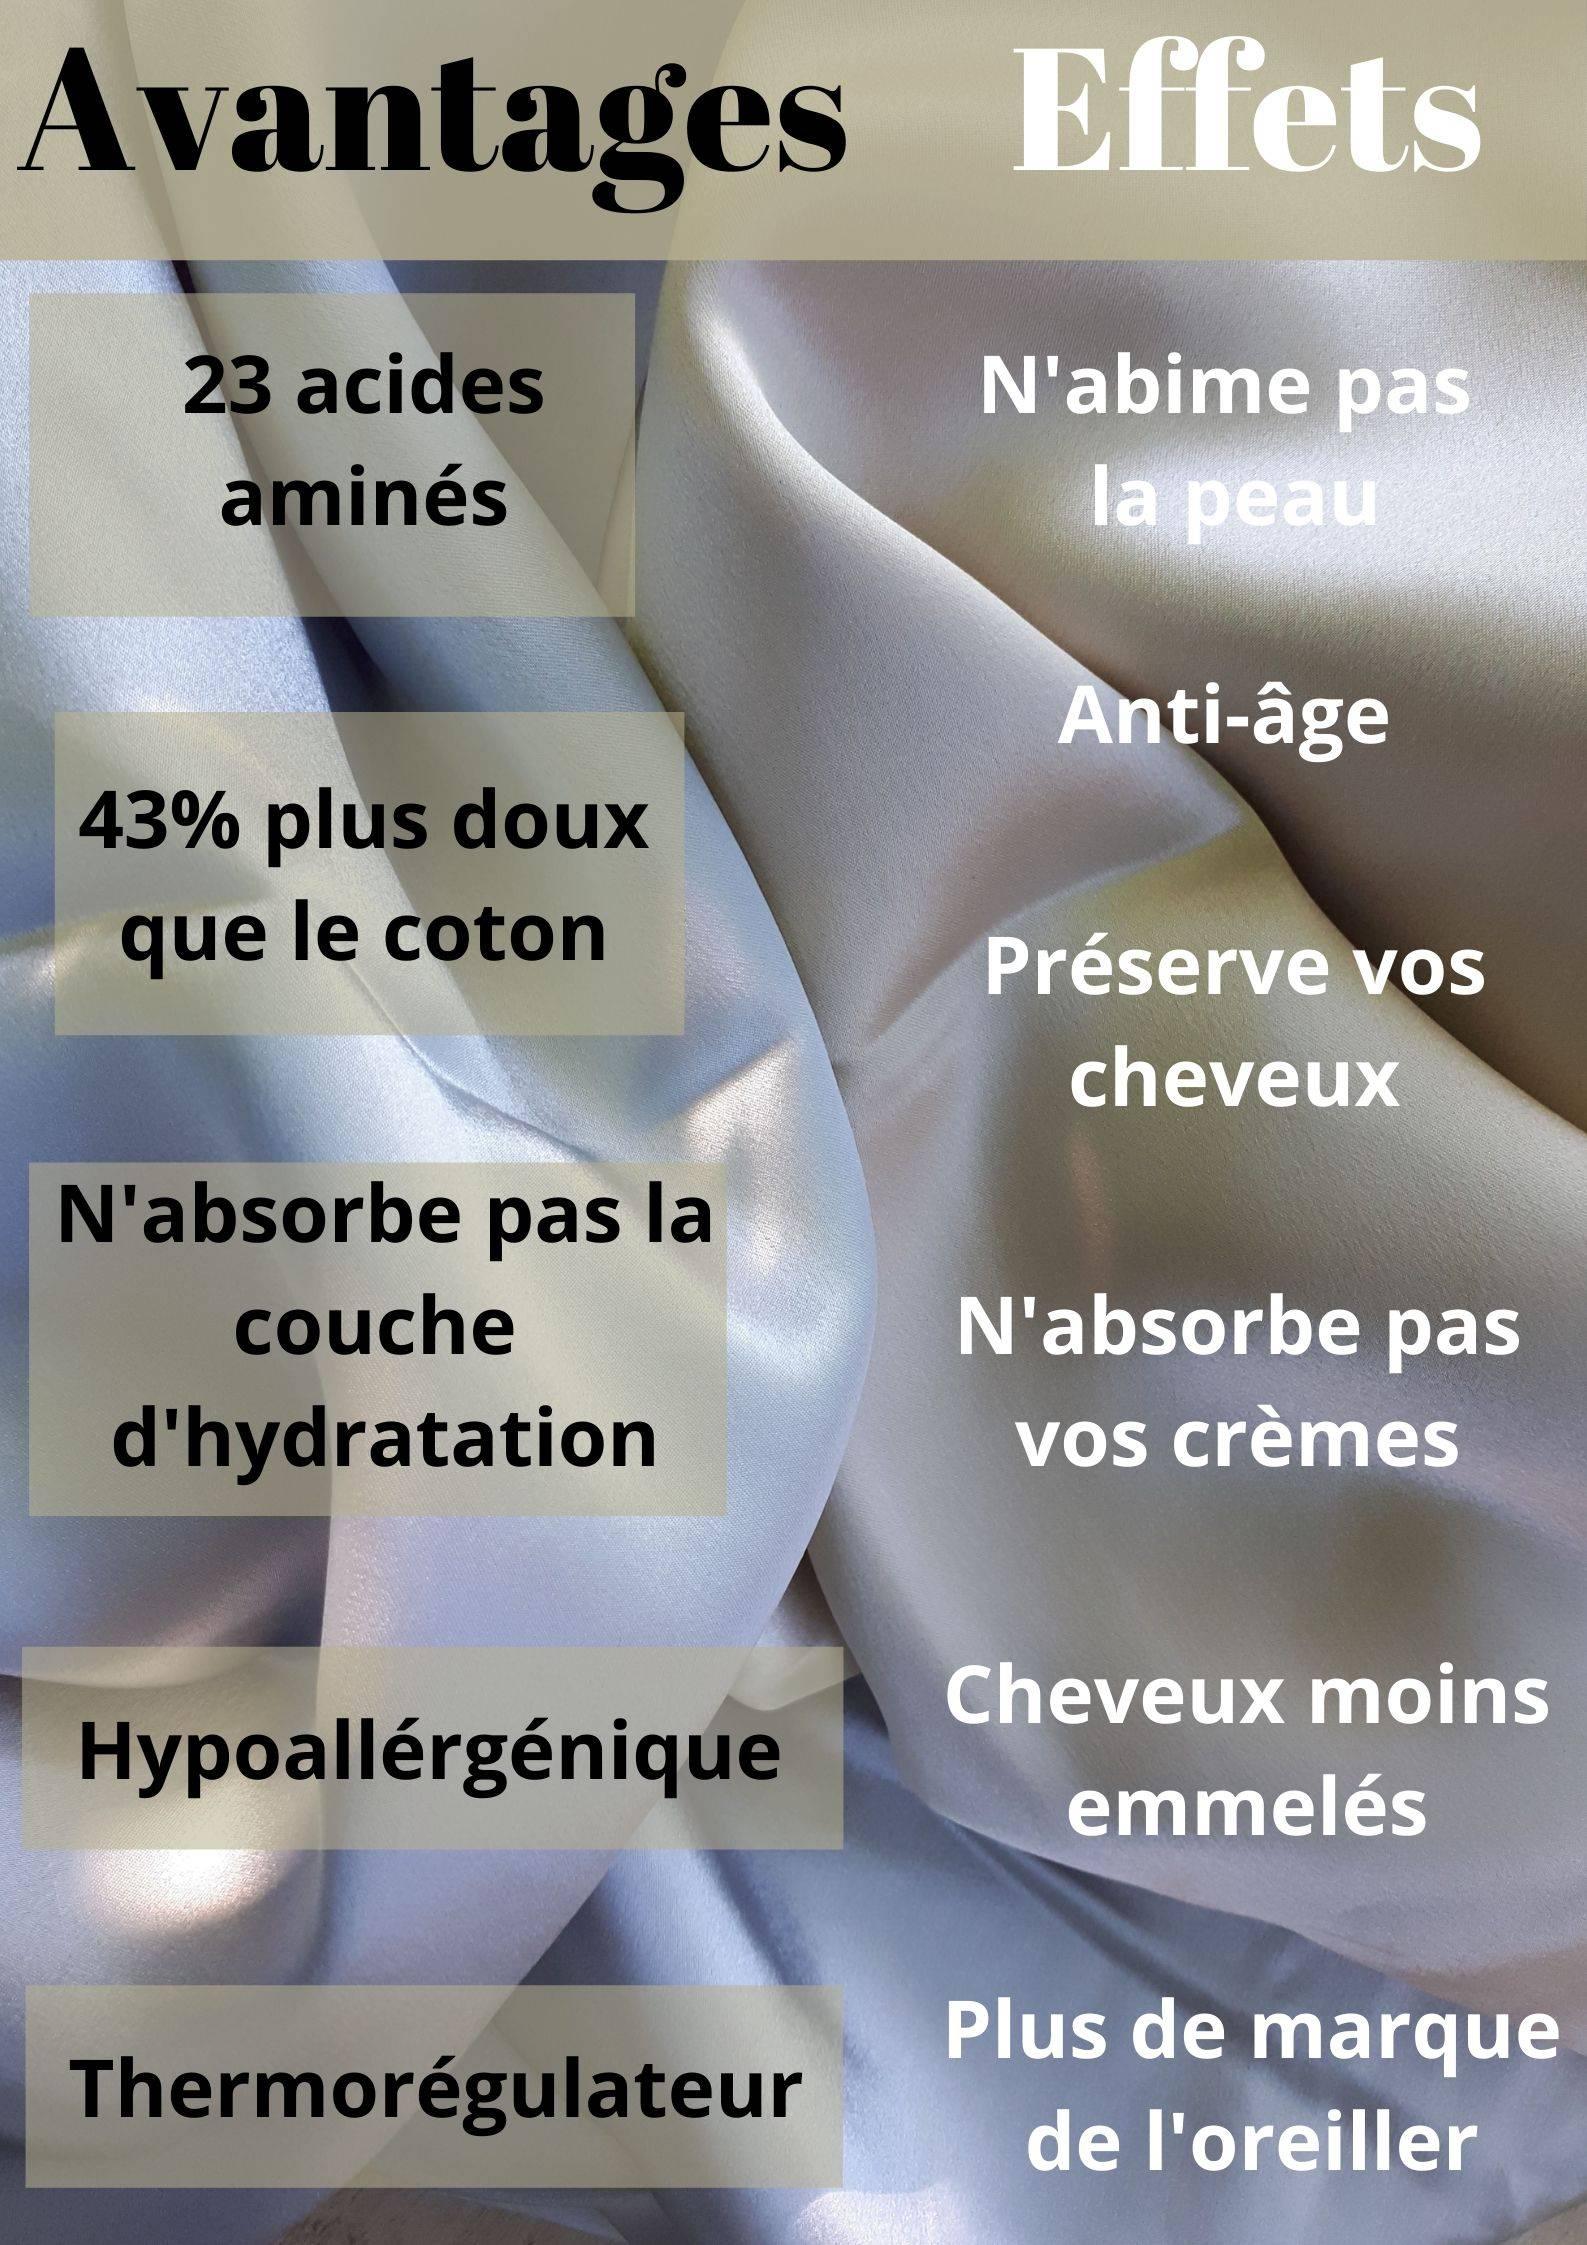 taie d'oreiller en soie avantages et effets